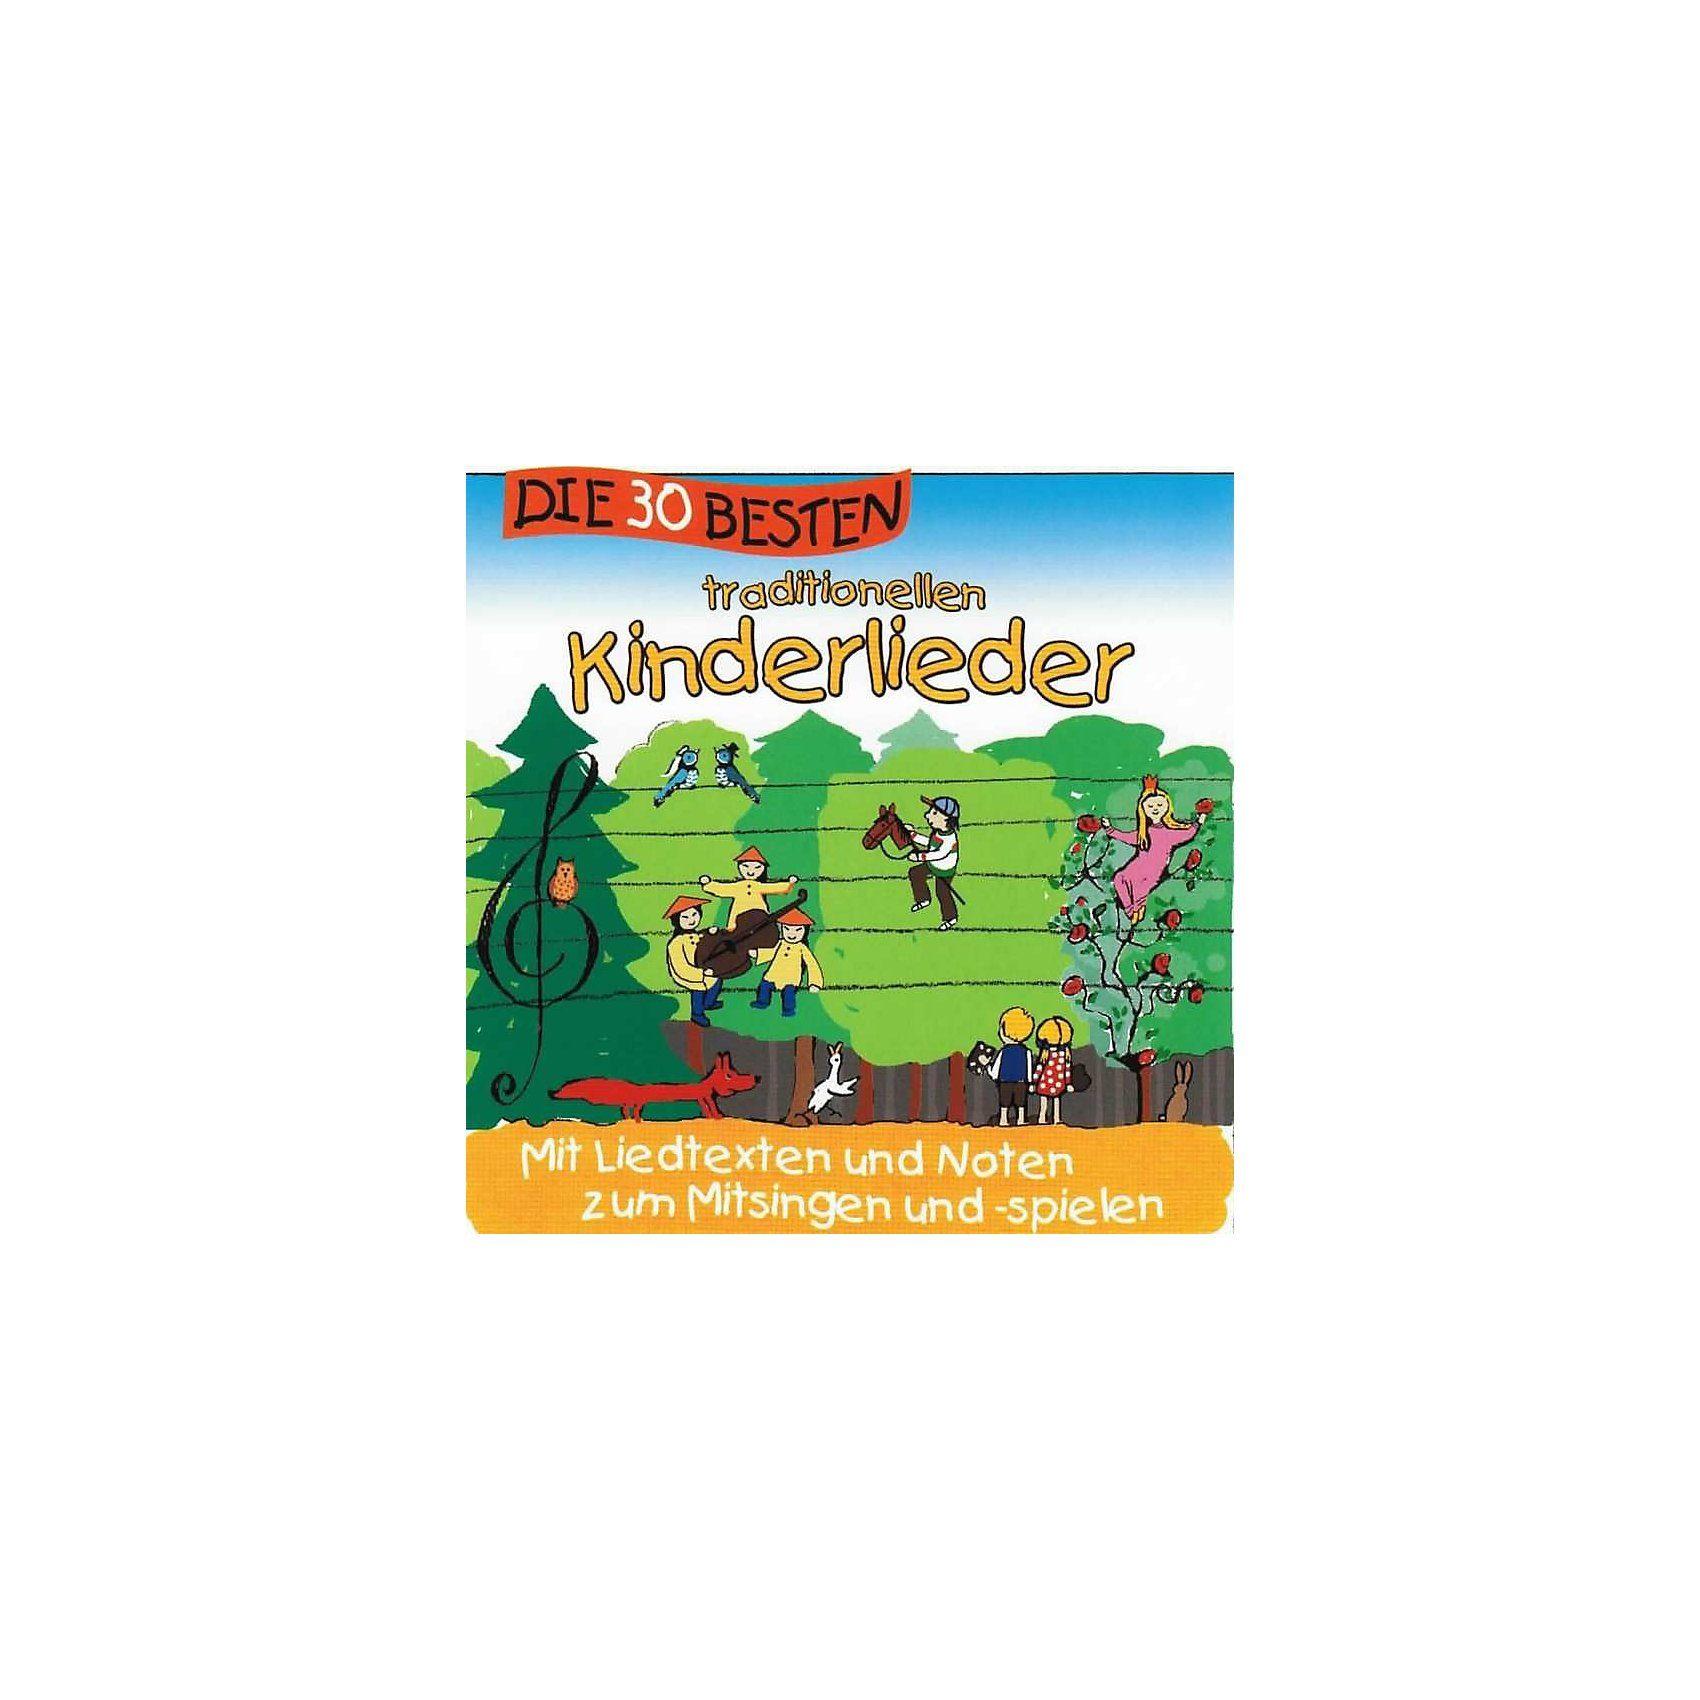 Universal CD Die 30 besten traditionellen Kinderlieder